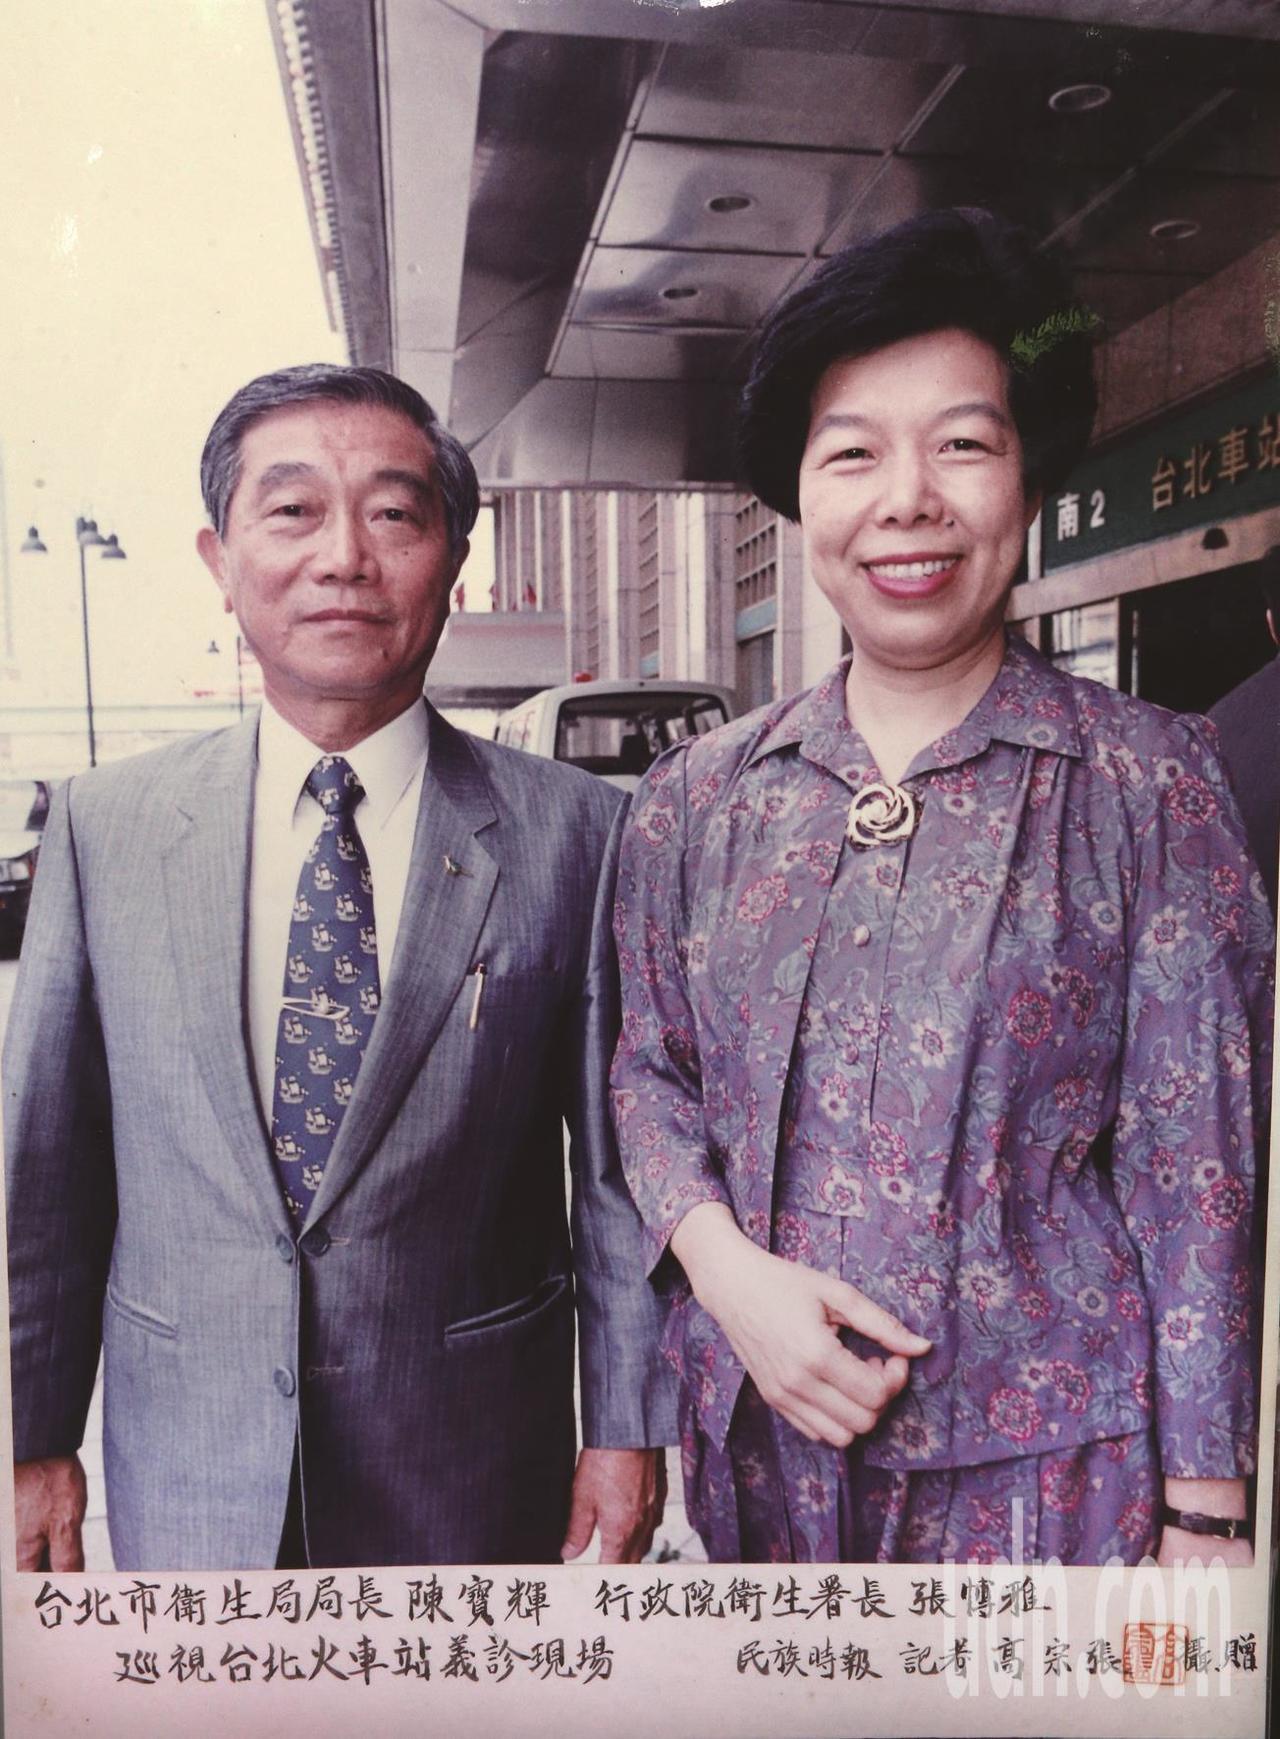 陳寶輝(左)與時任衛生署長的張博雅合照。圖/陳寶輝提供